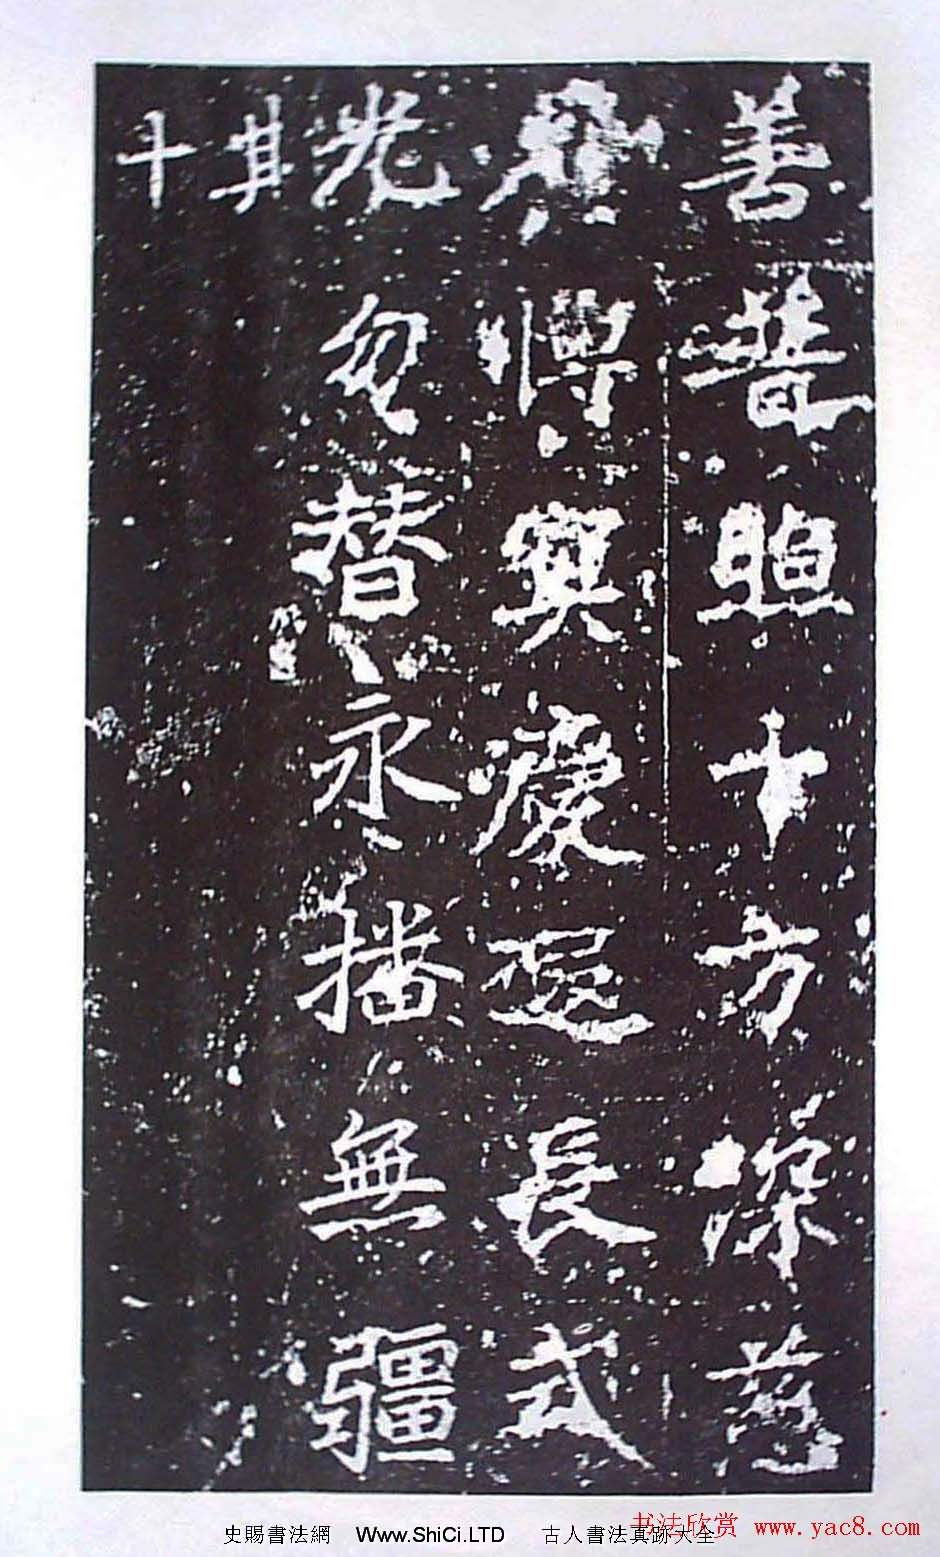 顏師古書法初唐名碑《等慈寺碑》